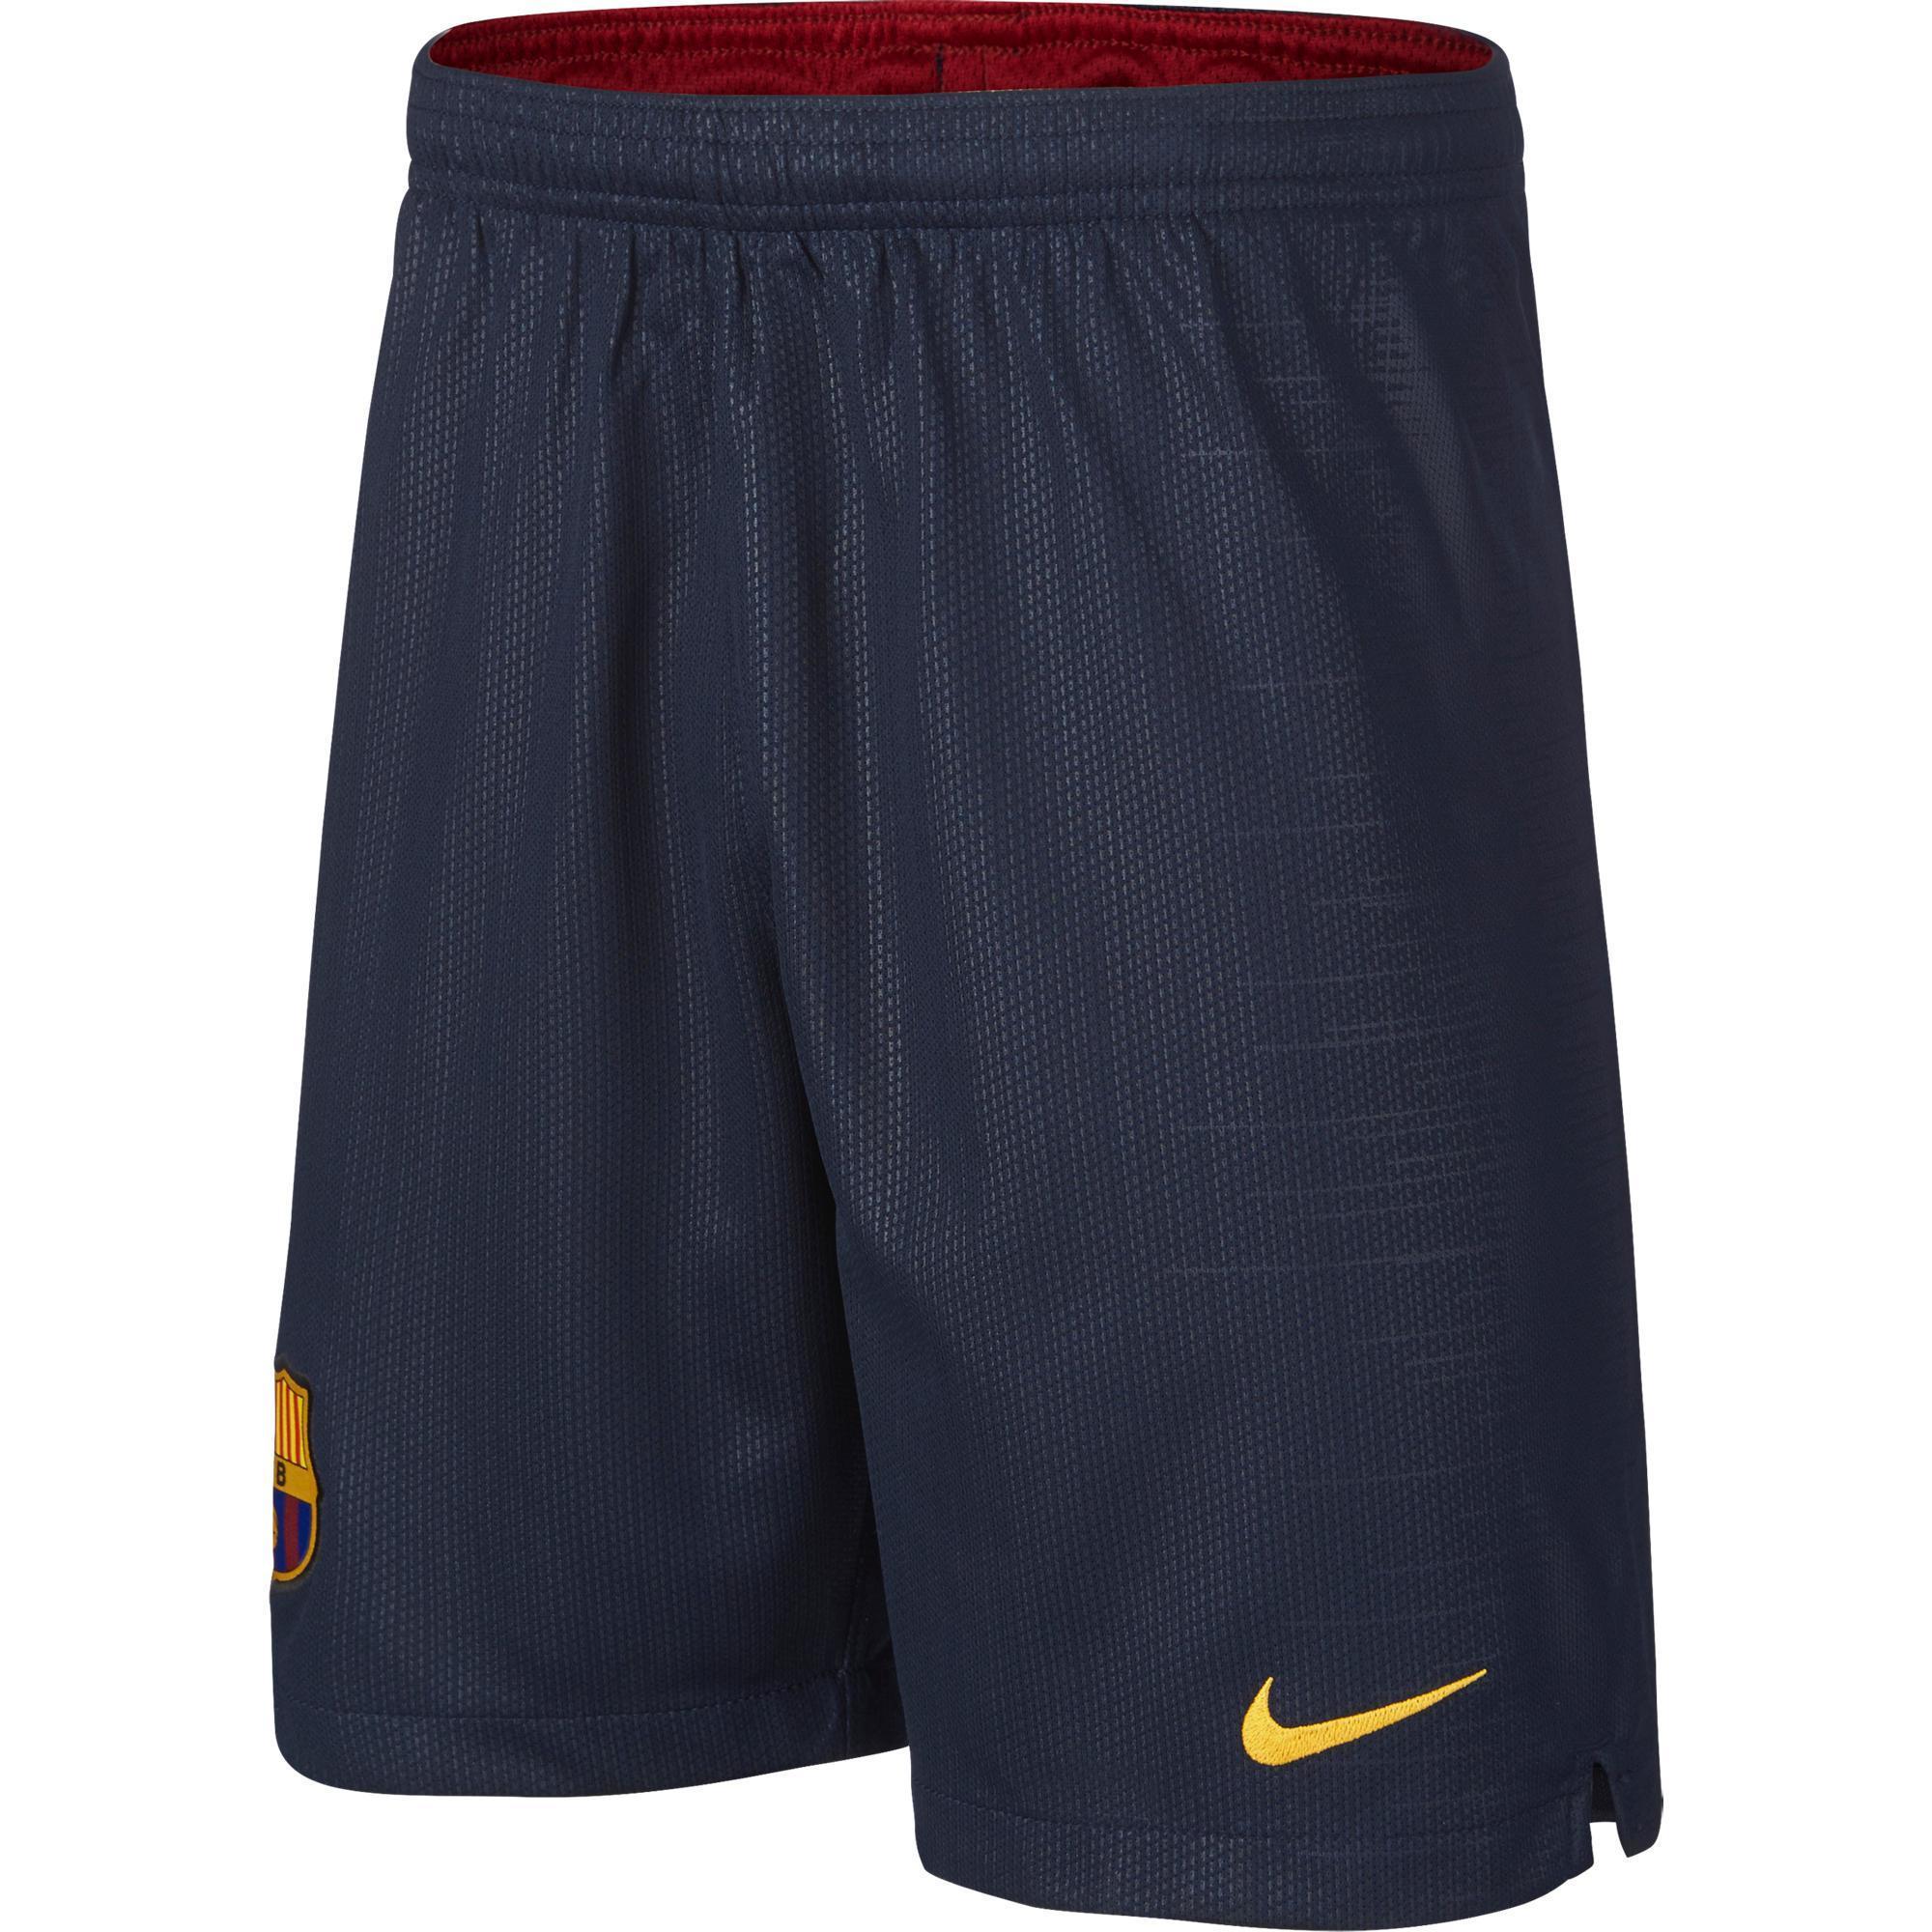 Equipación y Camiseta Oficial F.C. Barcelona 18 19  e6b439a67ce